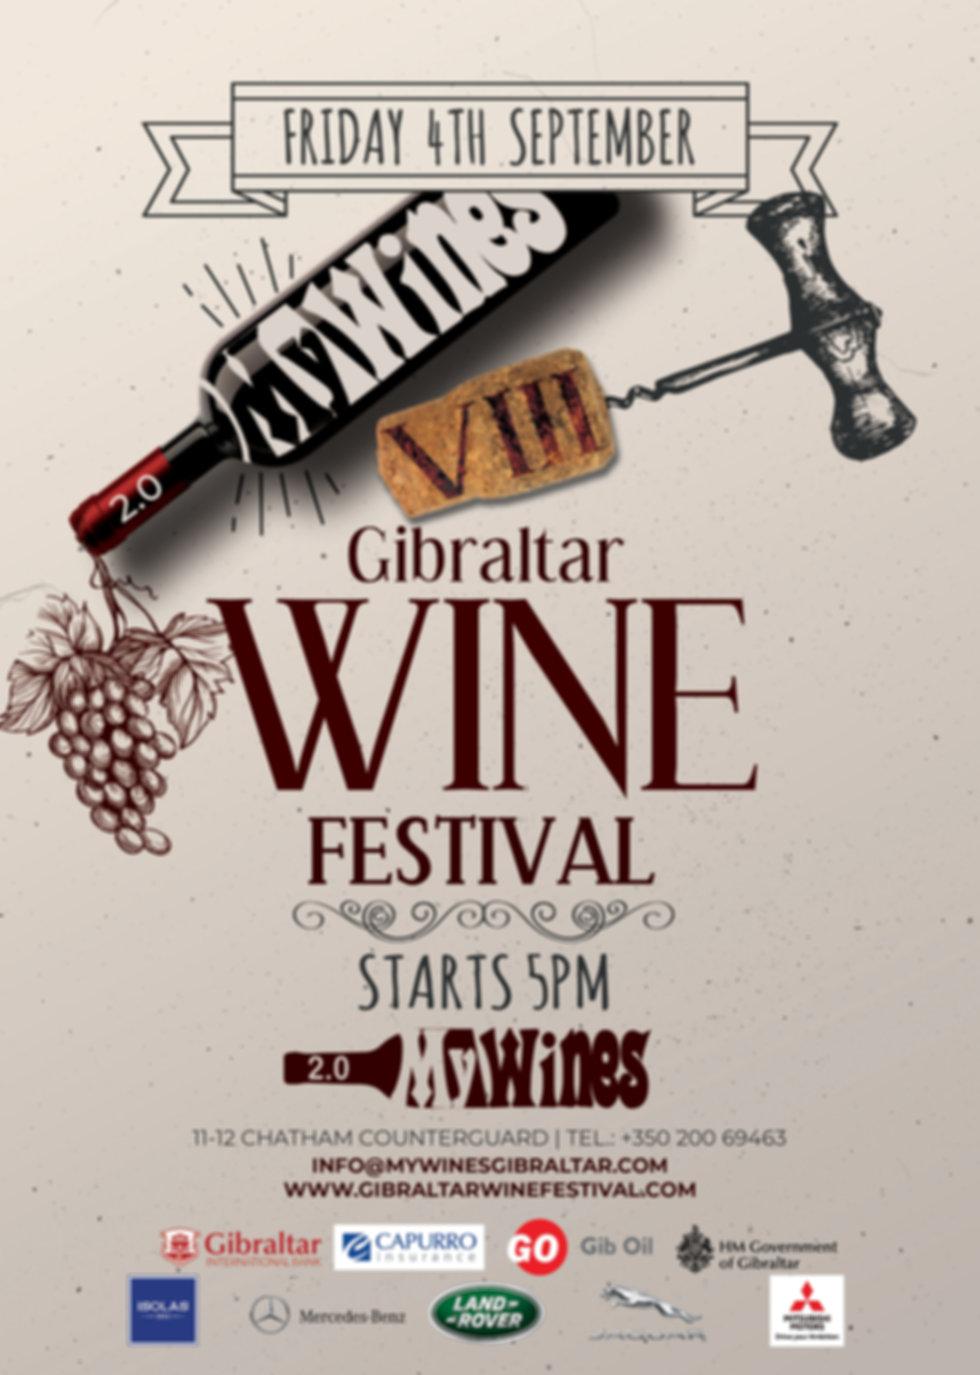 VIII GIBRALTAR Wine Festival 2020 V2.jpg